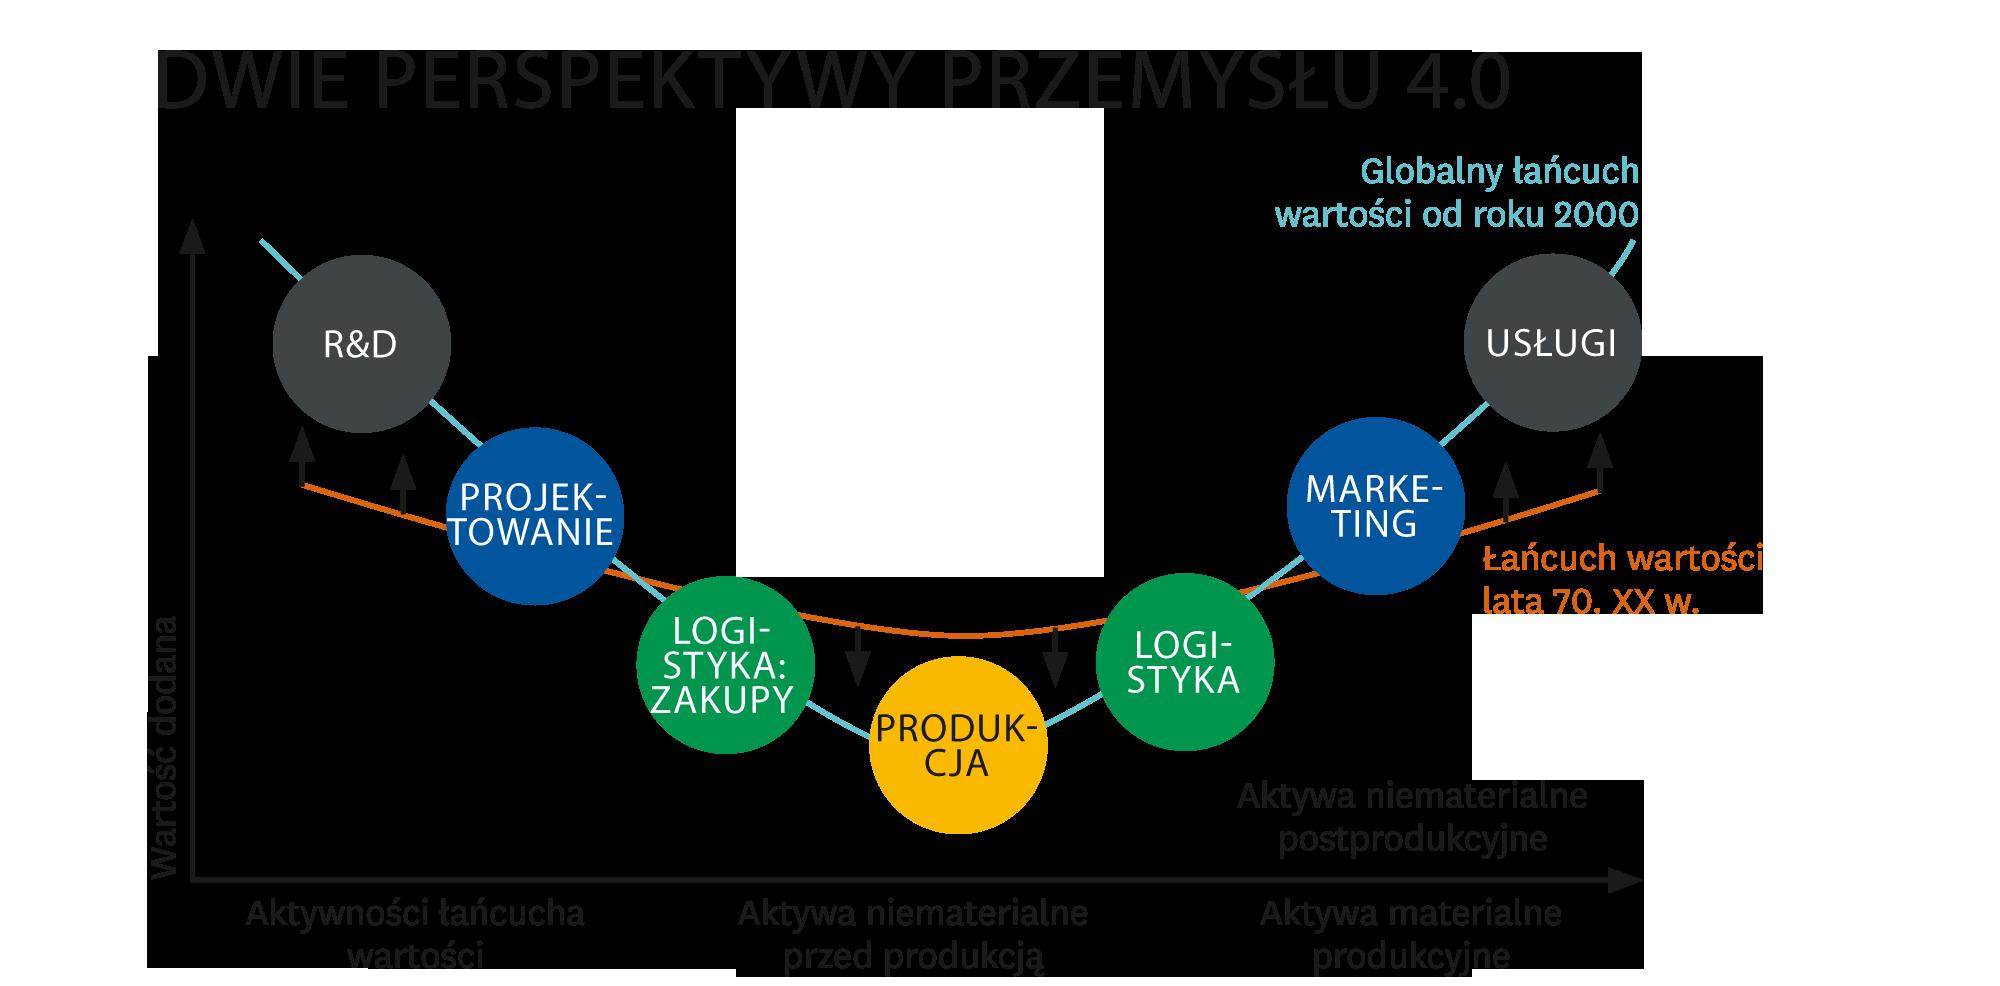 Transformacja do przemysłu 4.0